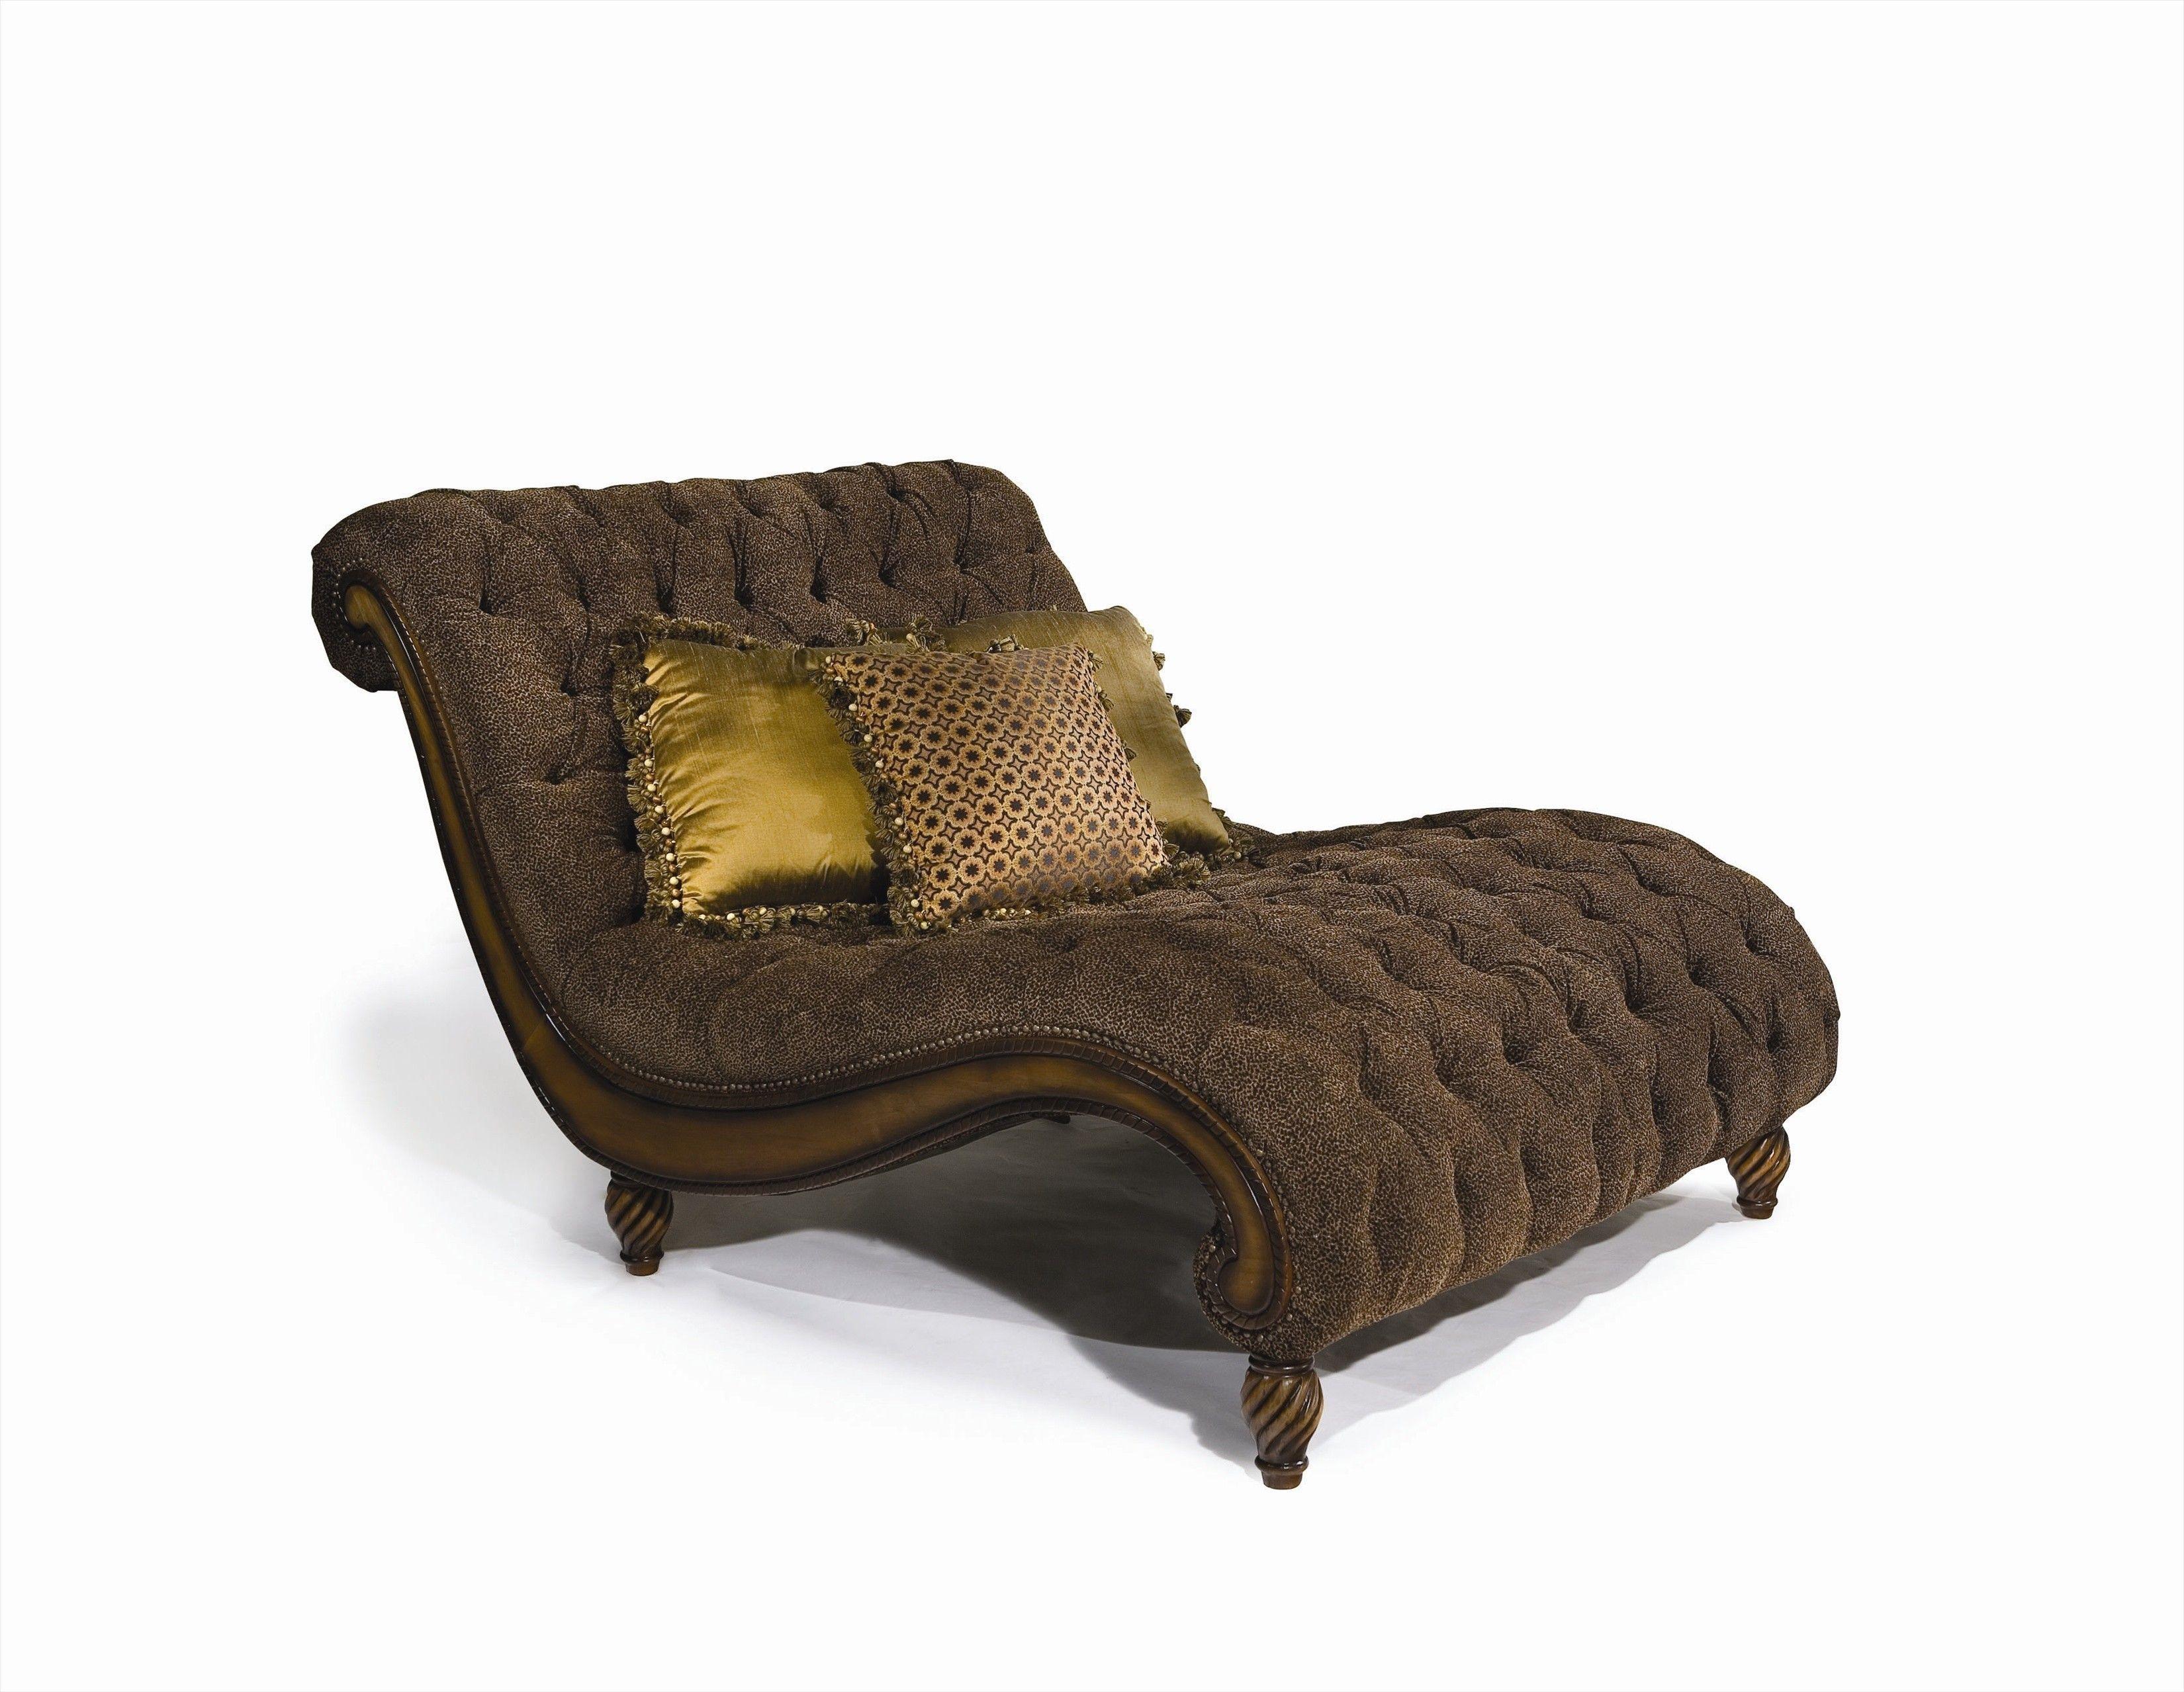 Getuftete Chaise Lounge Sessel Überprüfen Sie mehr unter